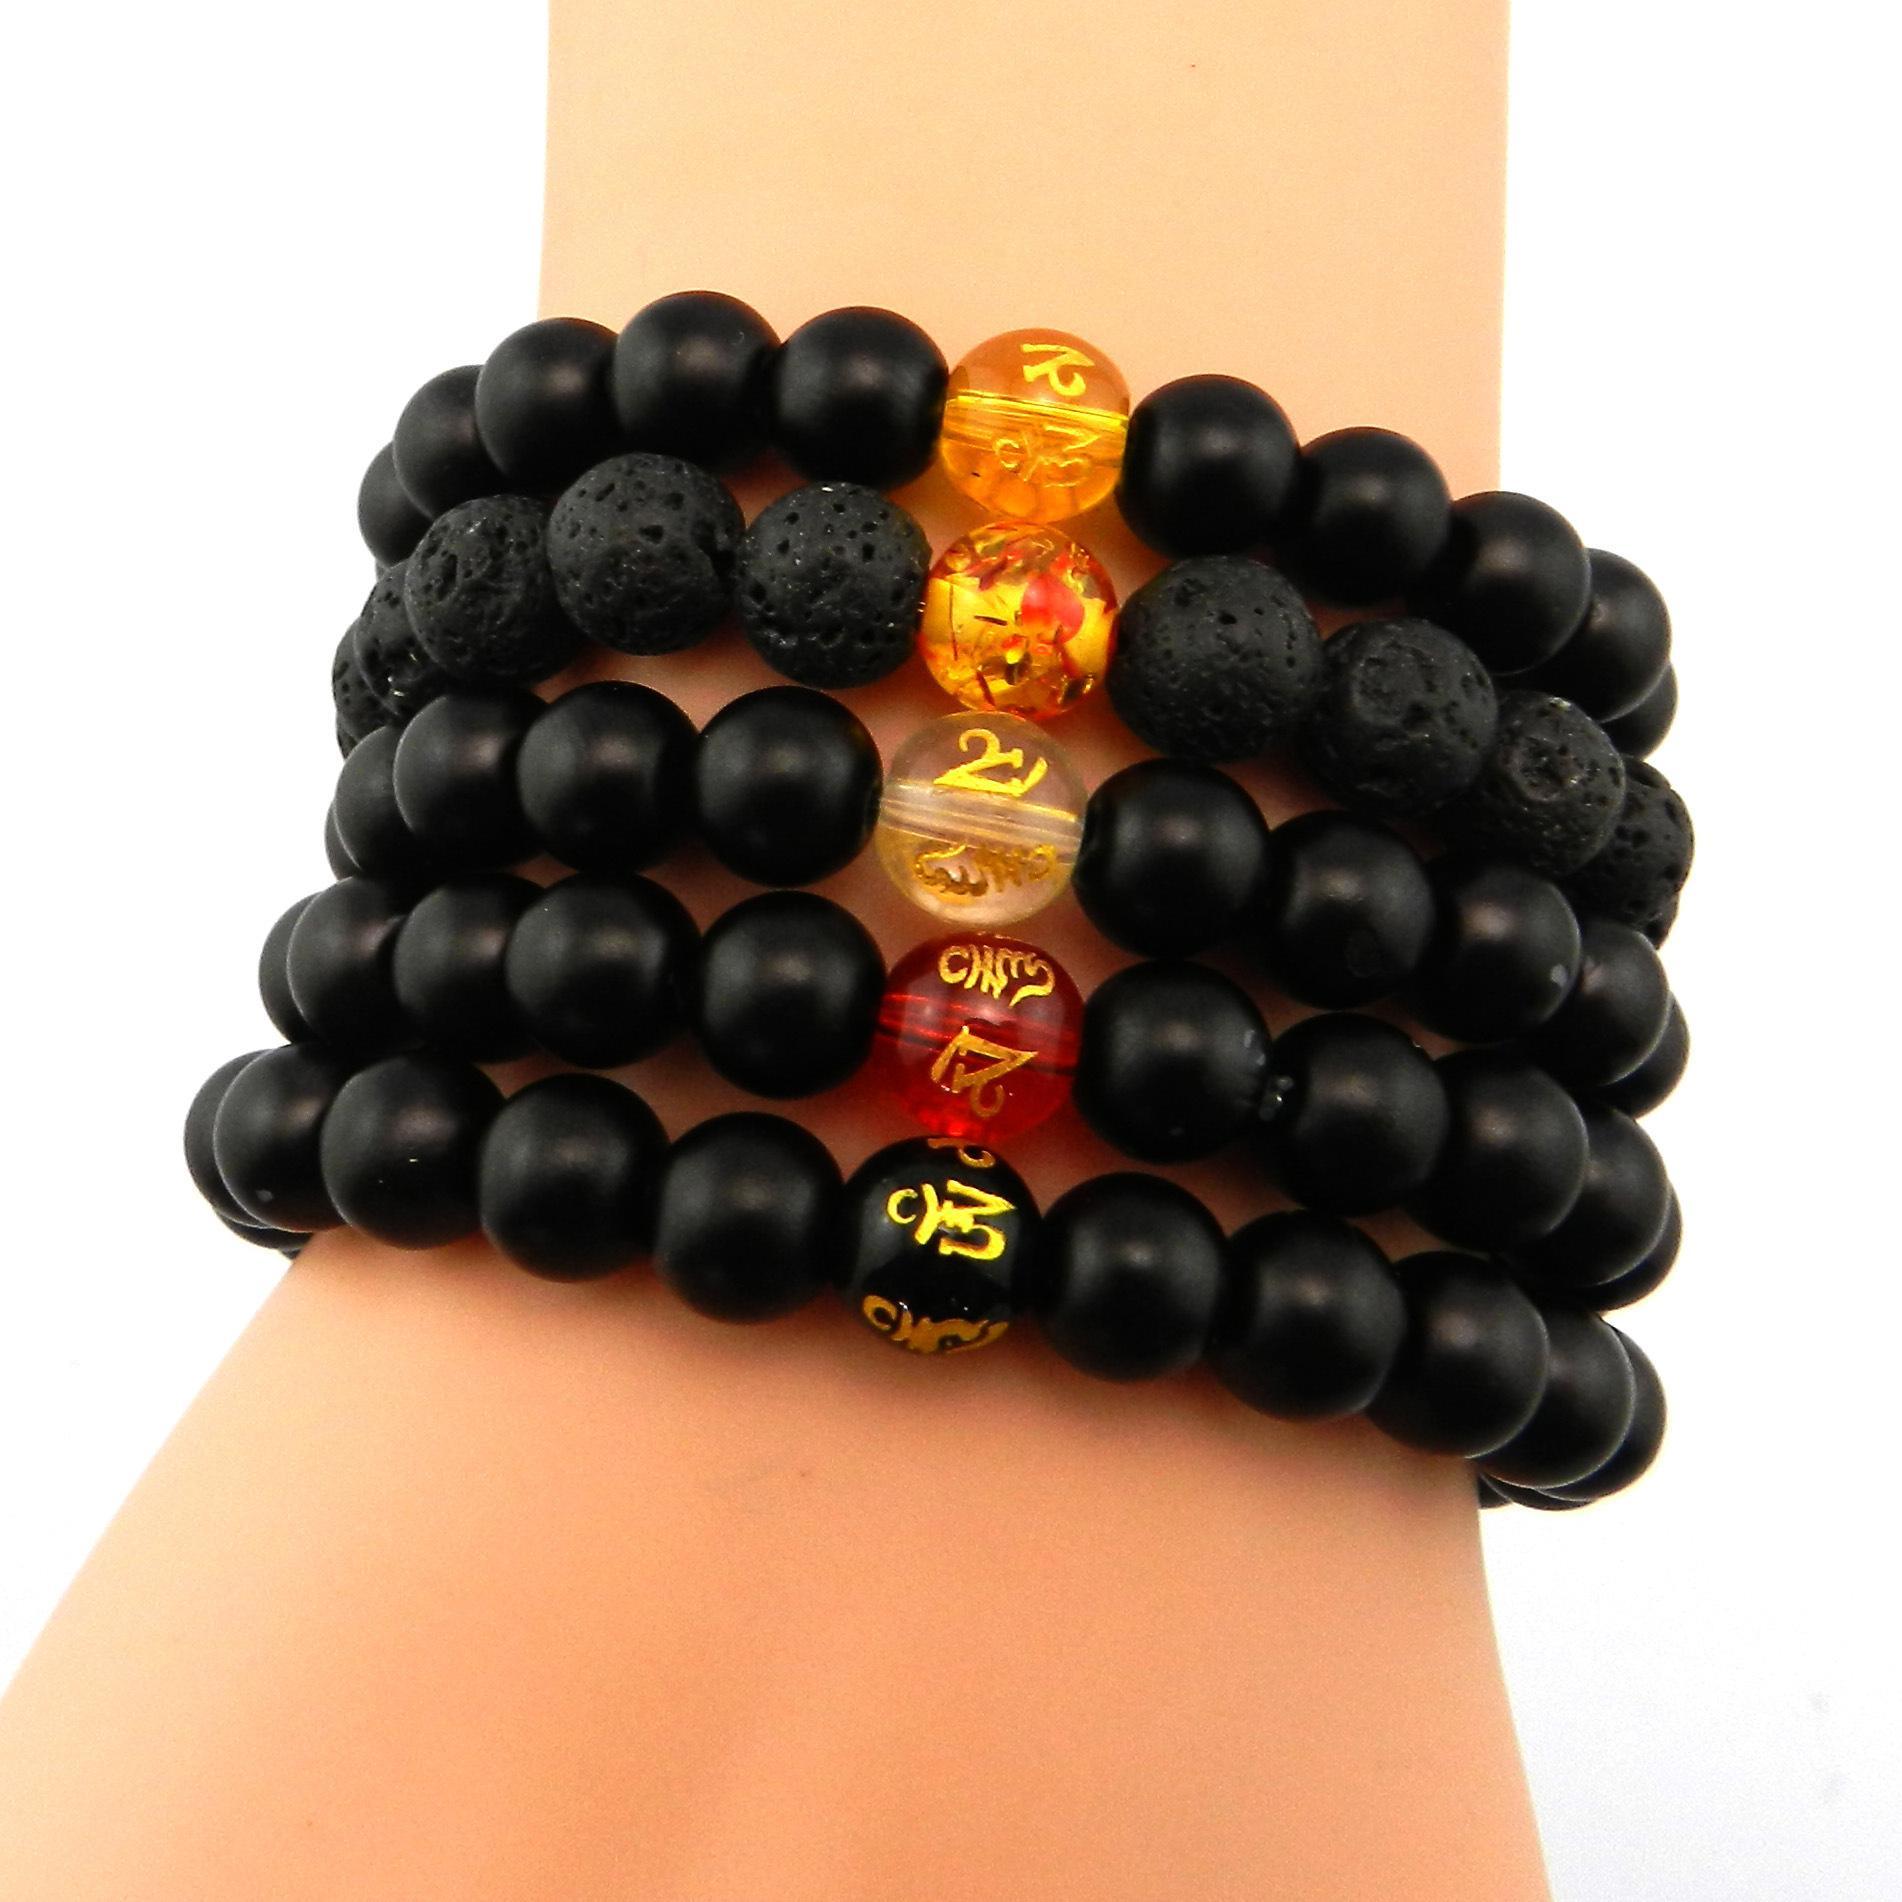 8mm Yoga Handstring Produttore Commercio all'ingrosso trasferimento di gioielli naturali Chalcedony Ice White Jade Buddha Bead Bracelet per le donne